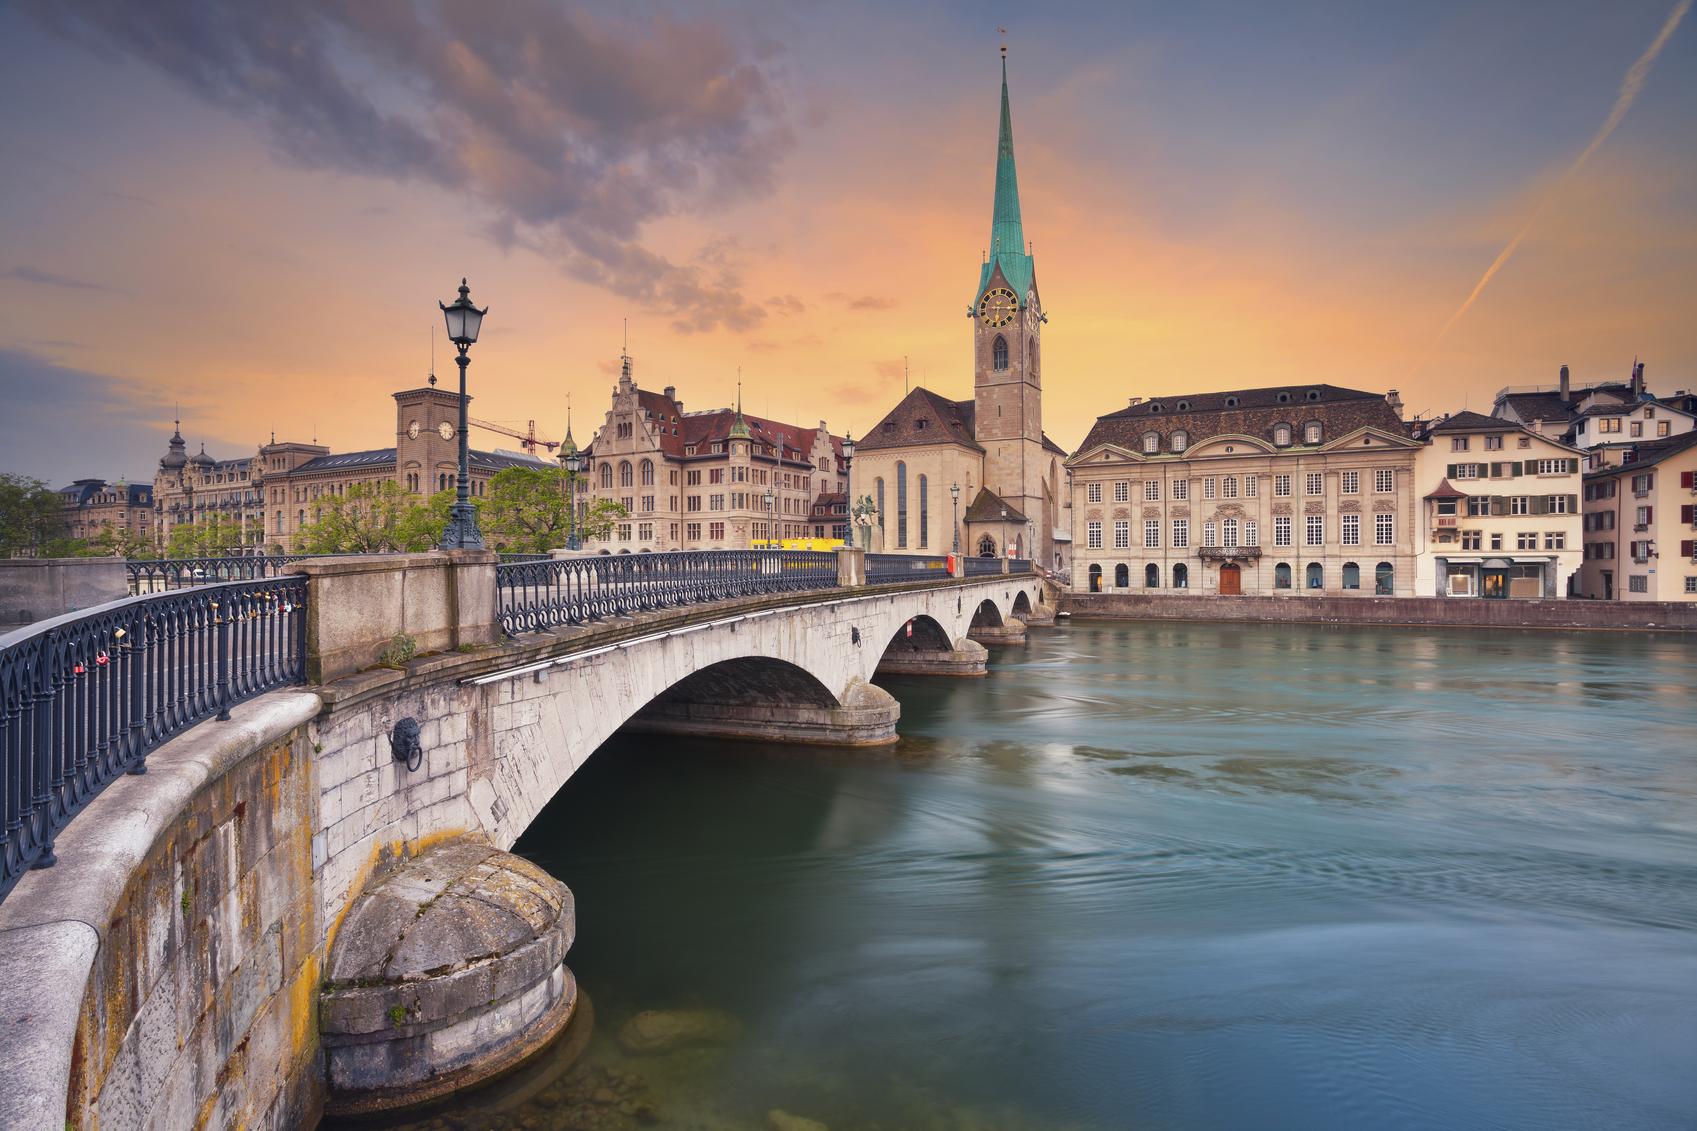 Een prachtige zonsondergang in Zürich. (foto istock)